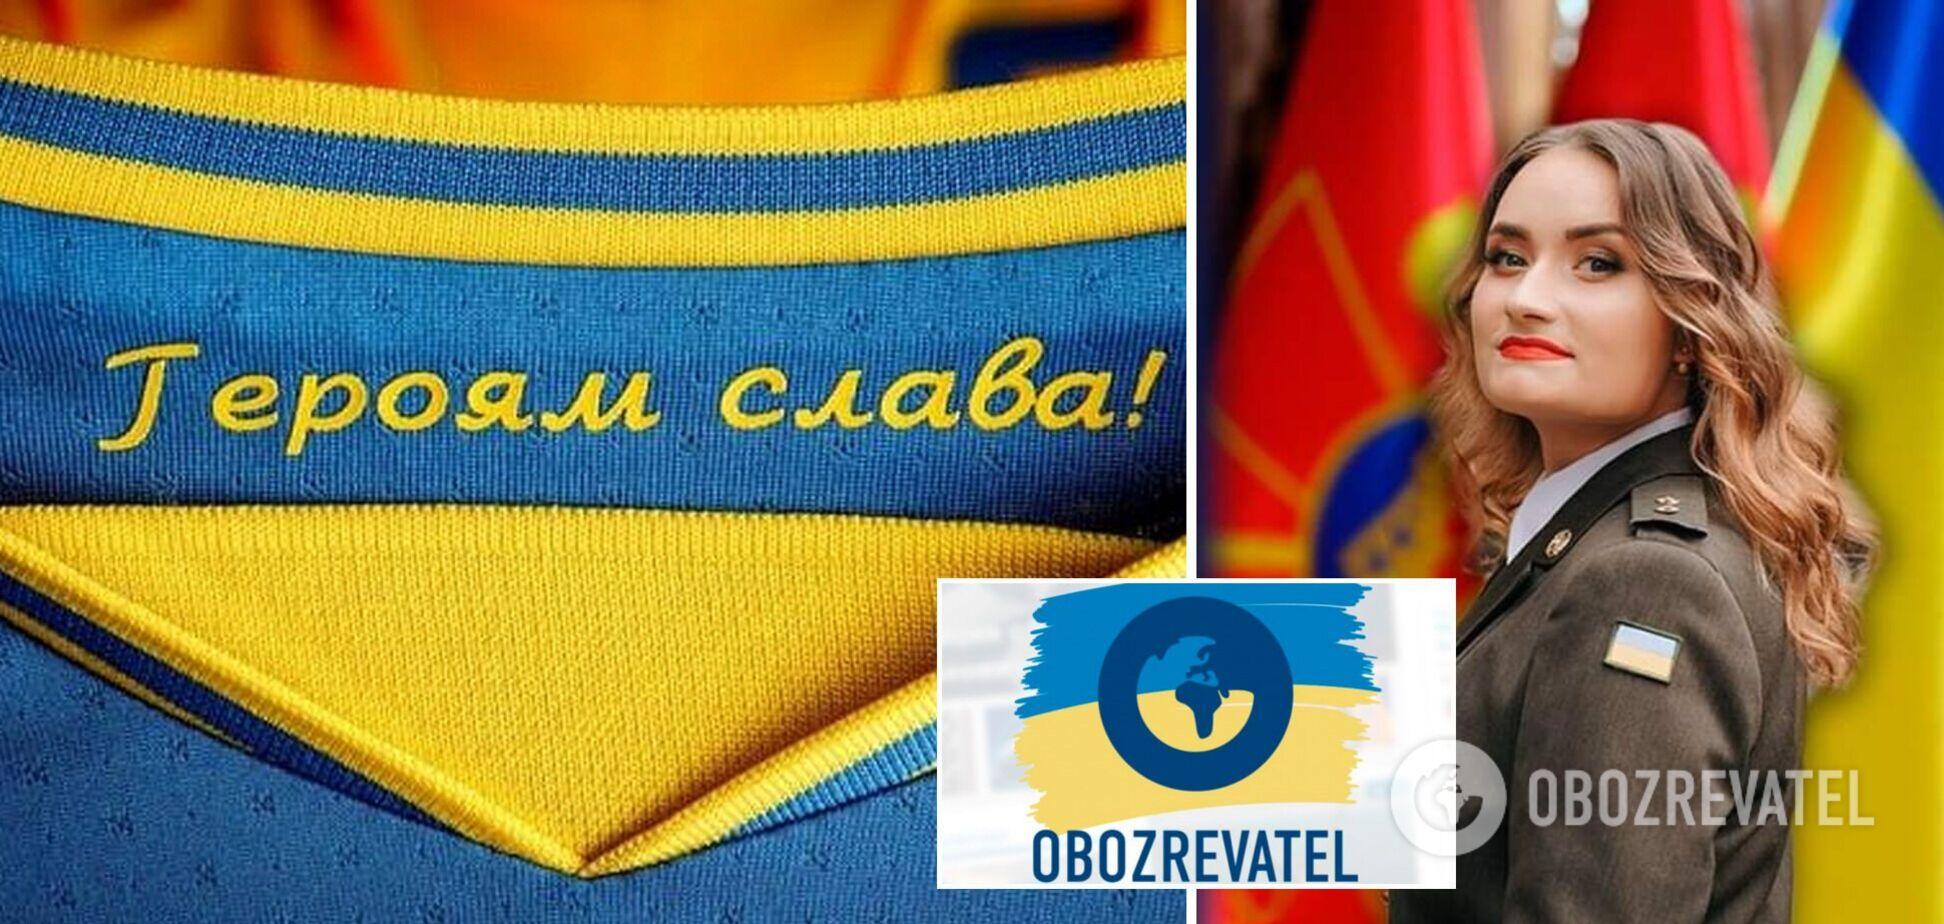 Новости Украины: на Донбассе погибла 22-летняя военная, УЕФА запретил слоган 'Героям слава'